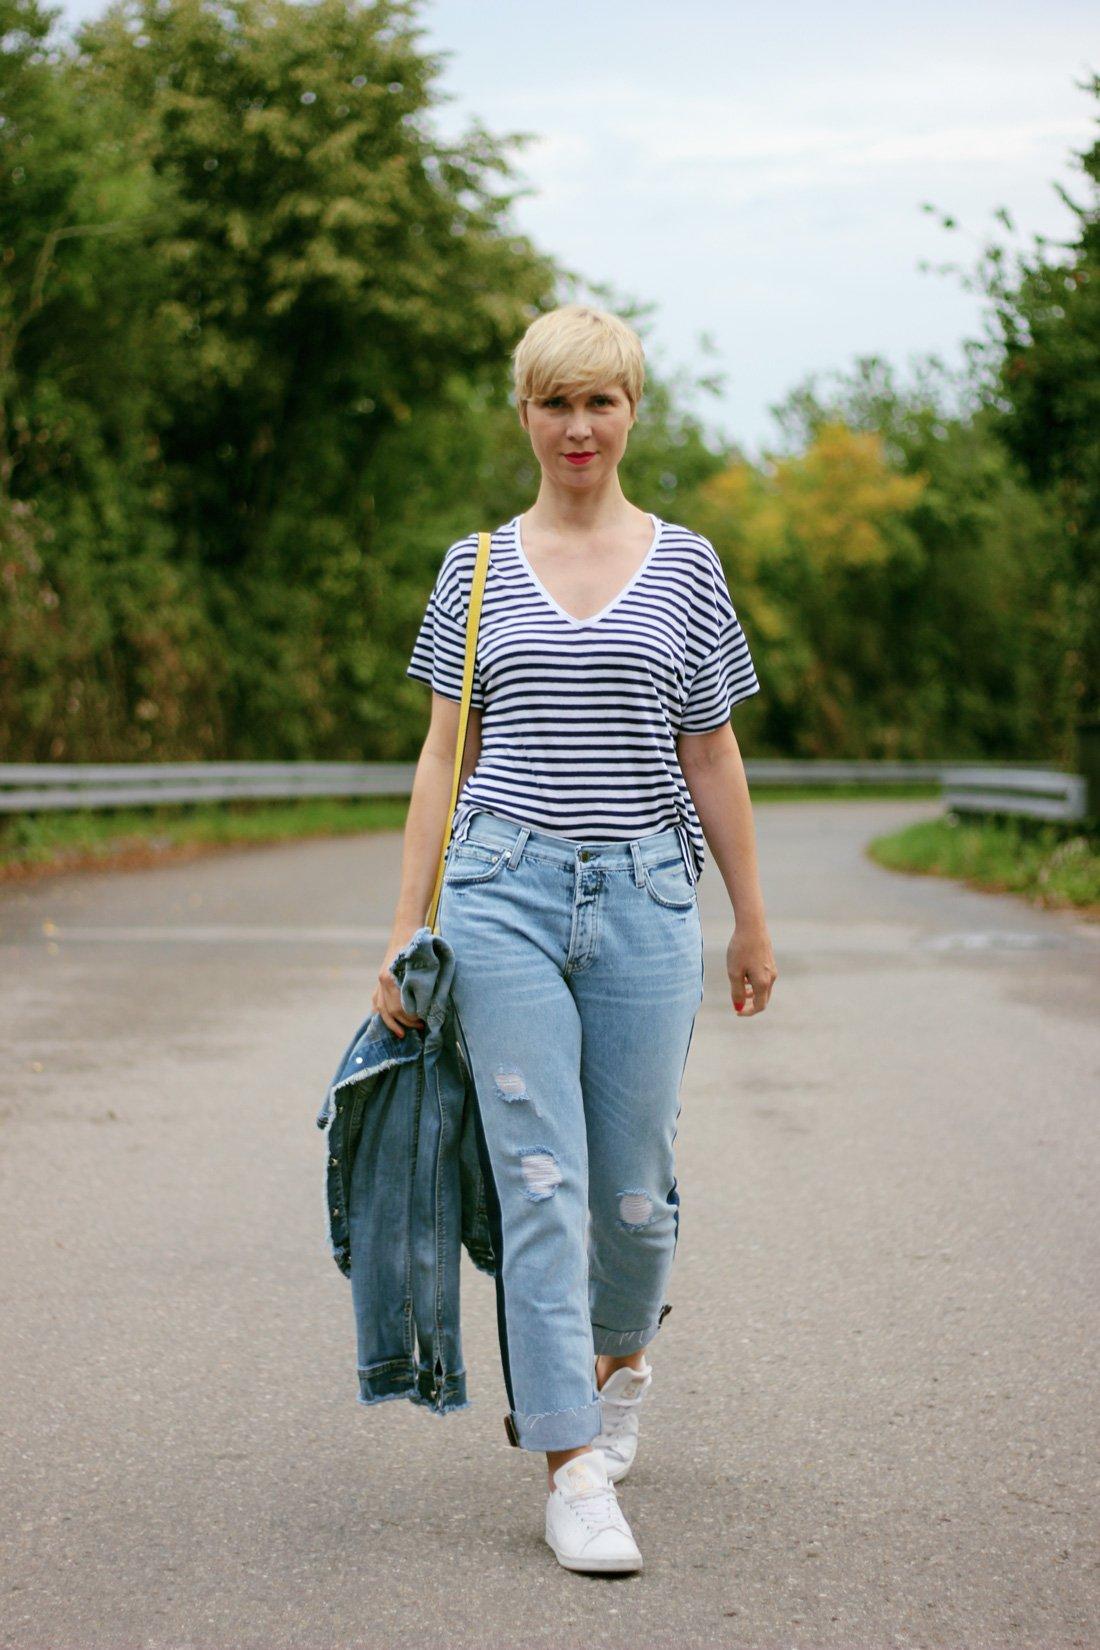 Conny Doll Lifestyle: Warum ist es mir wichtig, gut gekleidet zu sein? Ein Denim-Allover Look